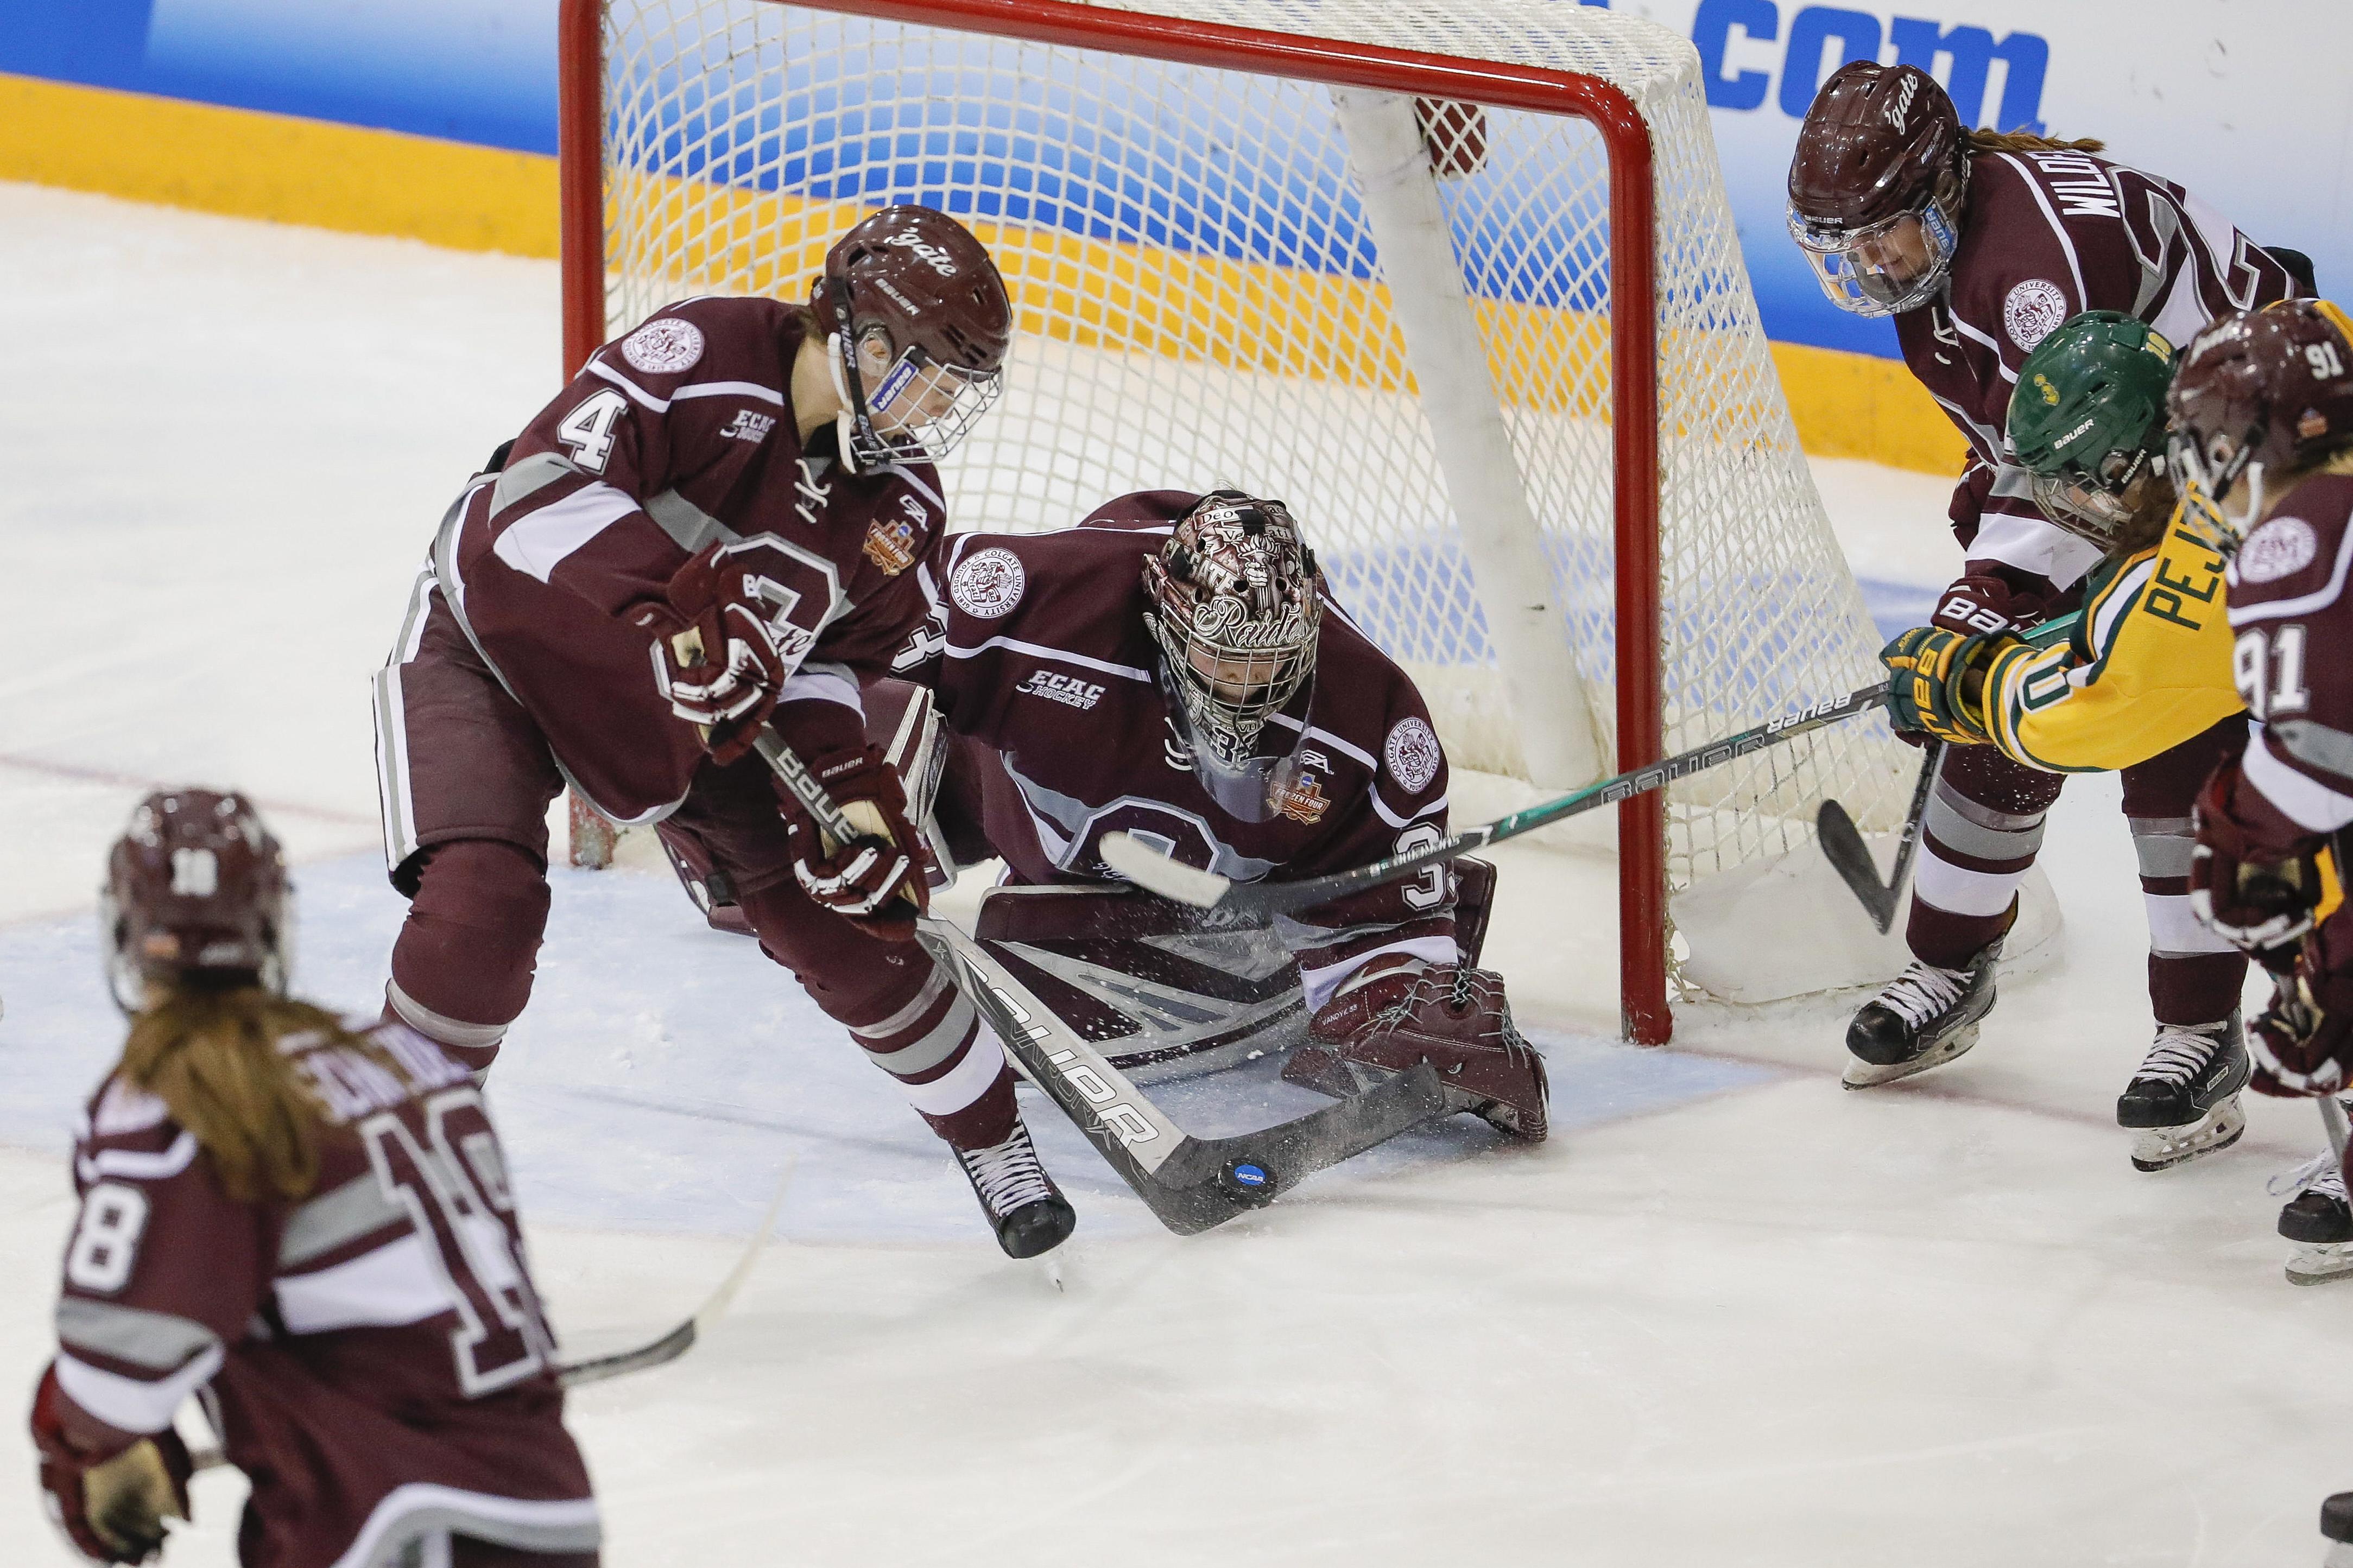 NCAA Division I Women's Ice Hockey Championship